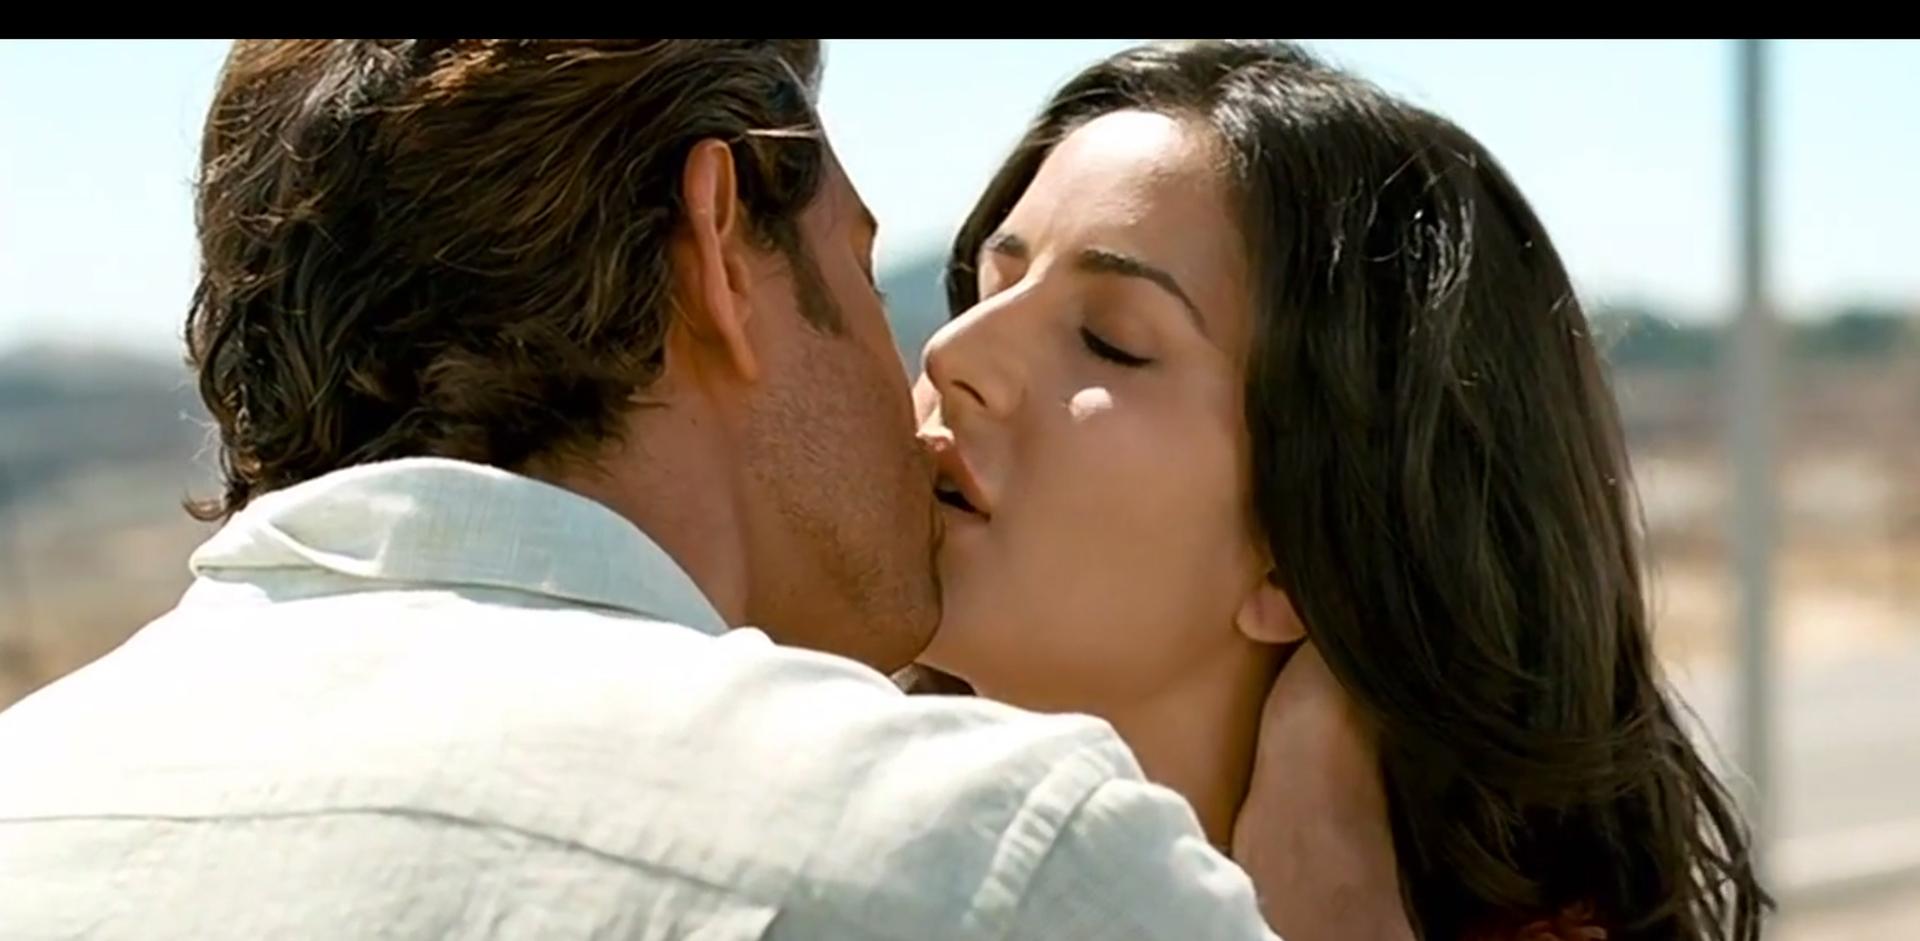 katrina-kissing-hrithik-roshan